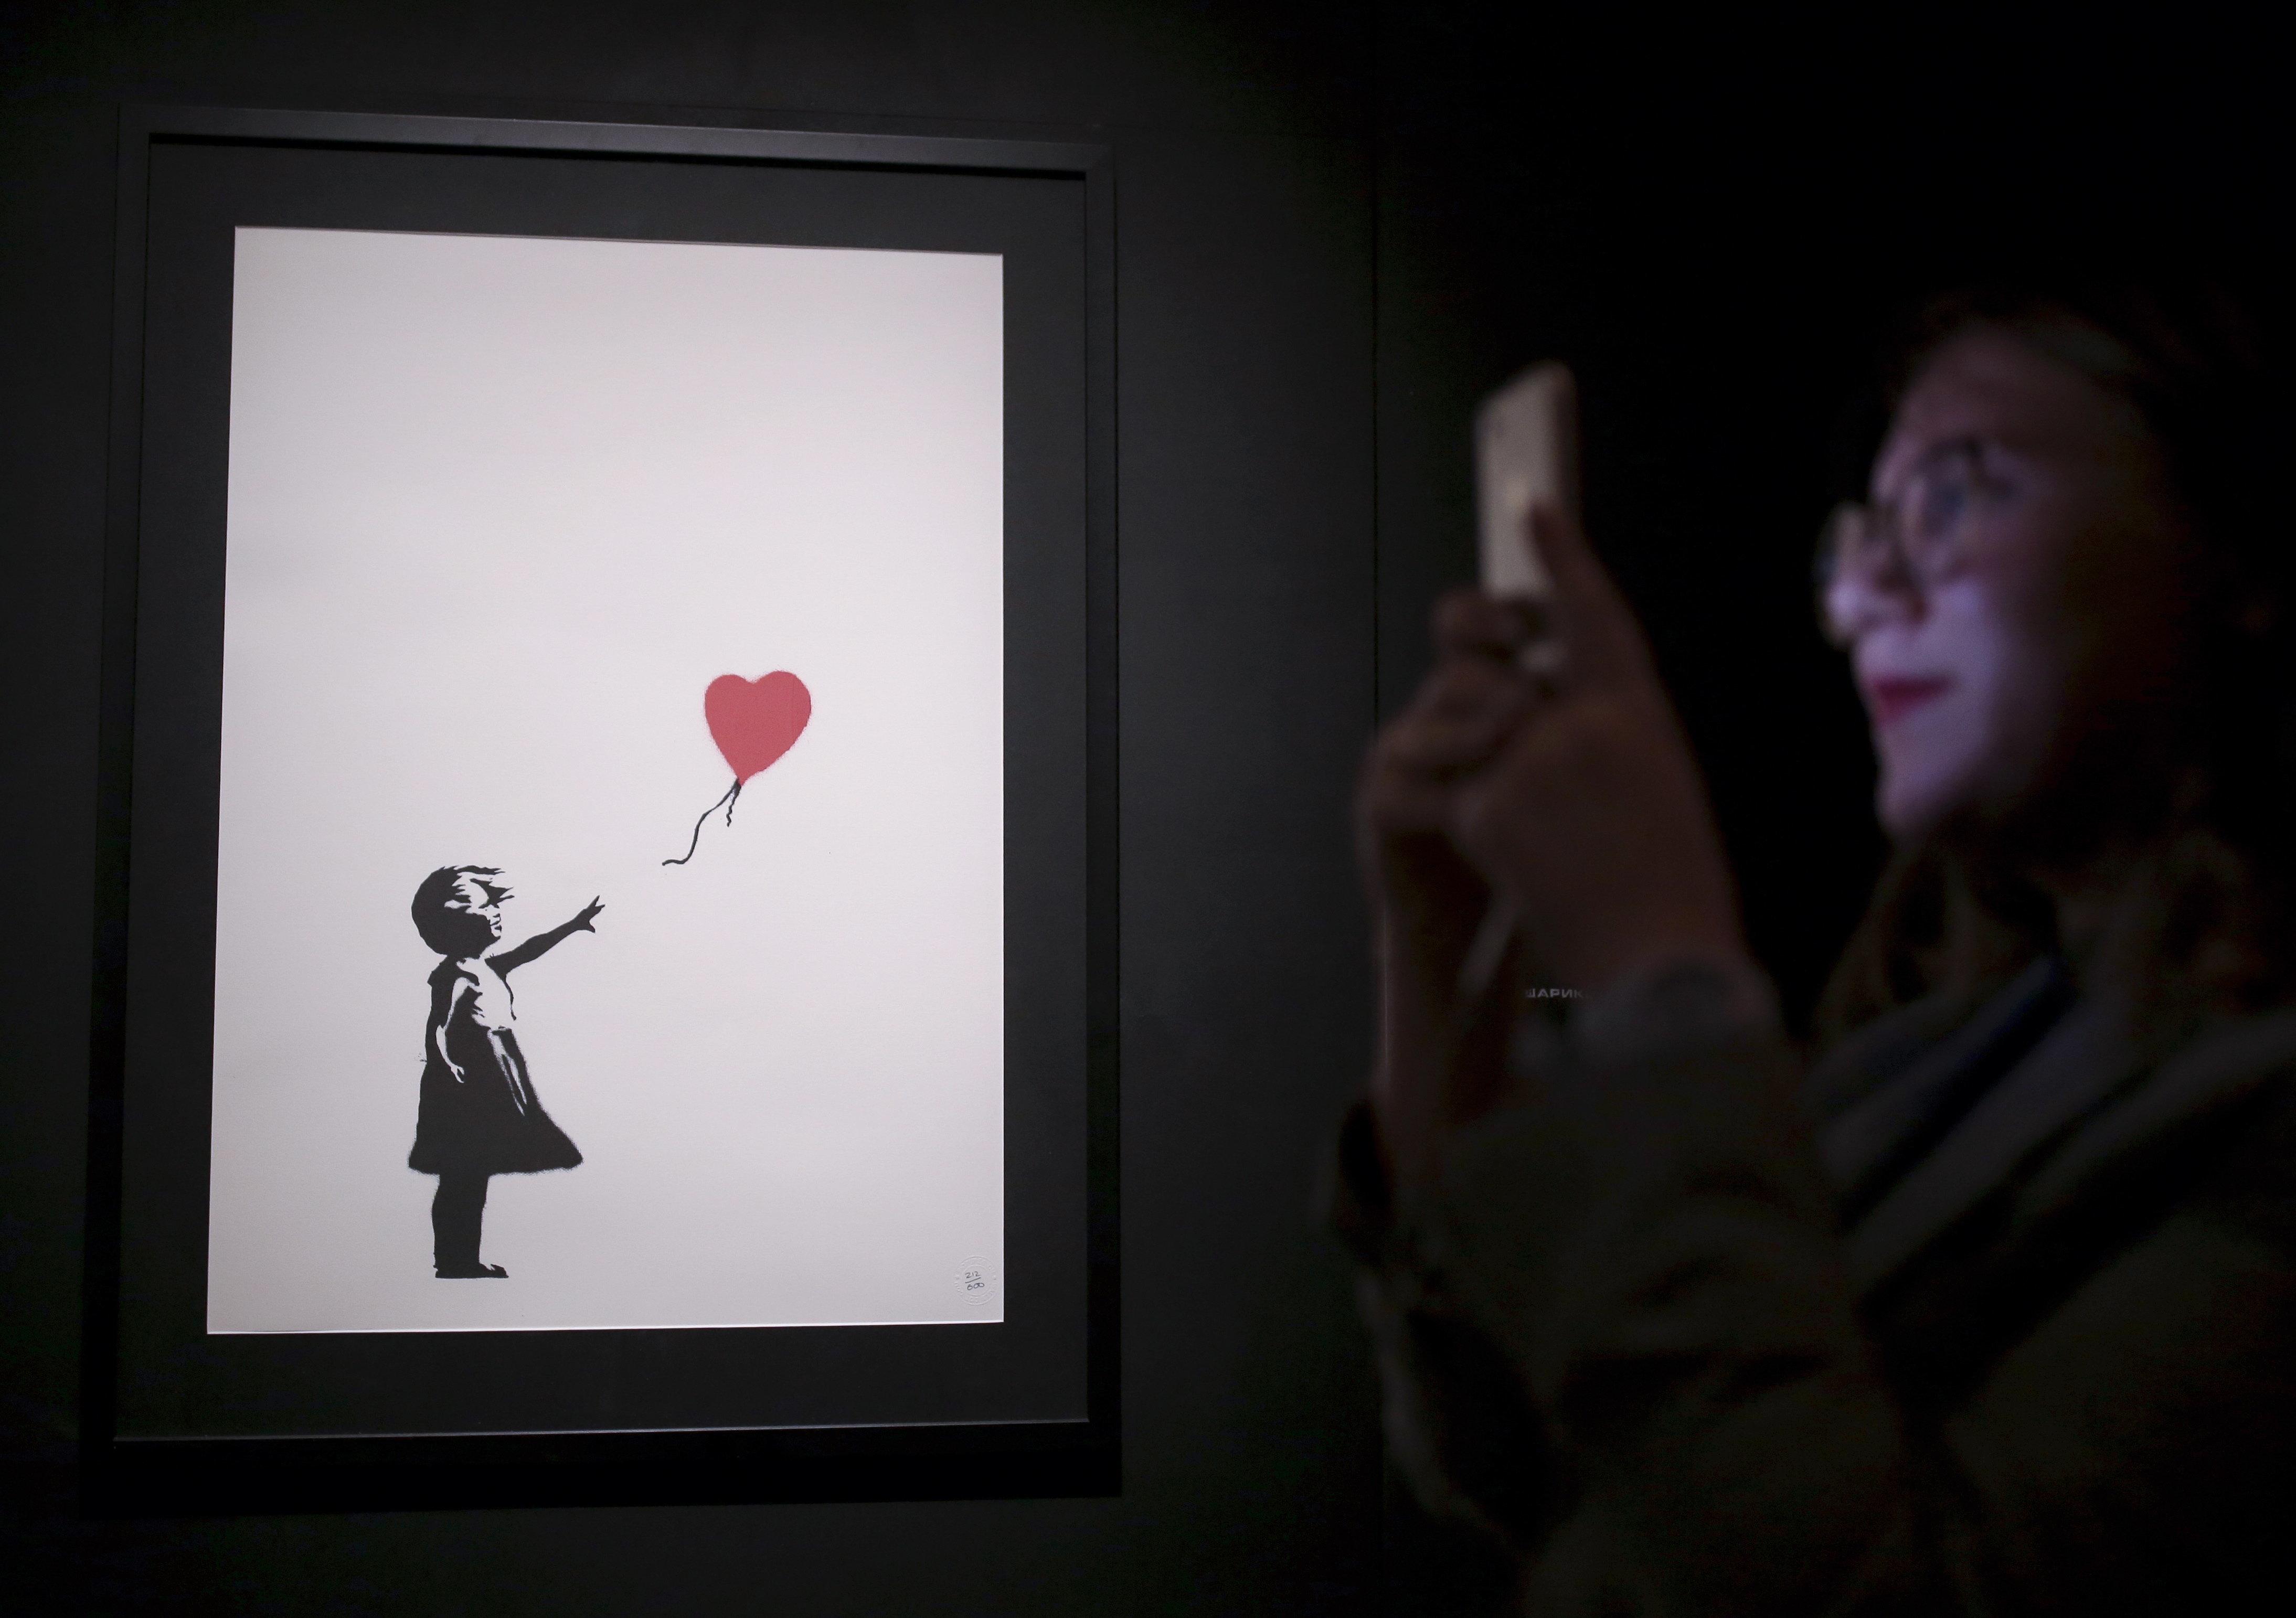 O Banksy αποκαλύπτει πως κατέστρεψε τον πίνακά του στη δημοπρασία του Sotheby's